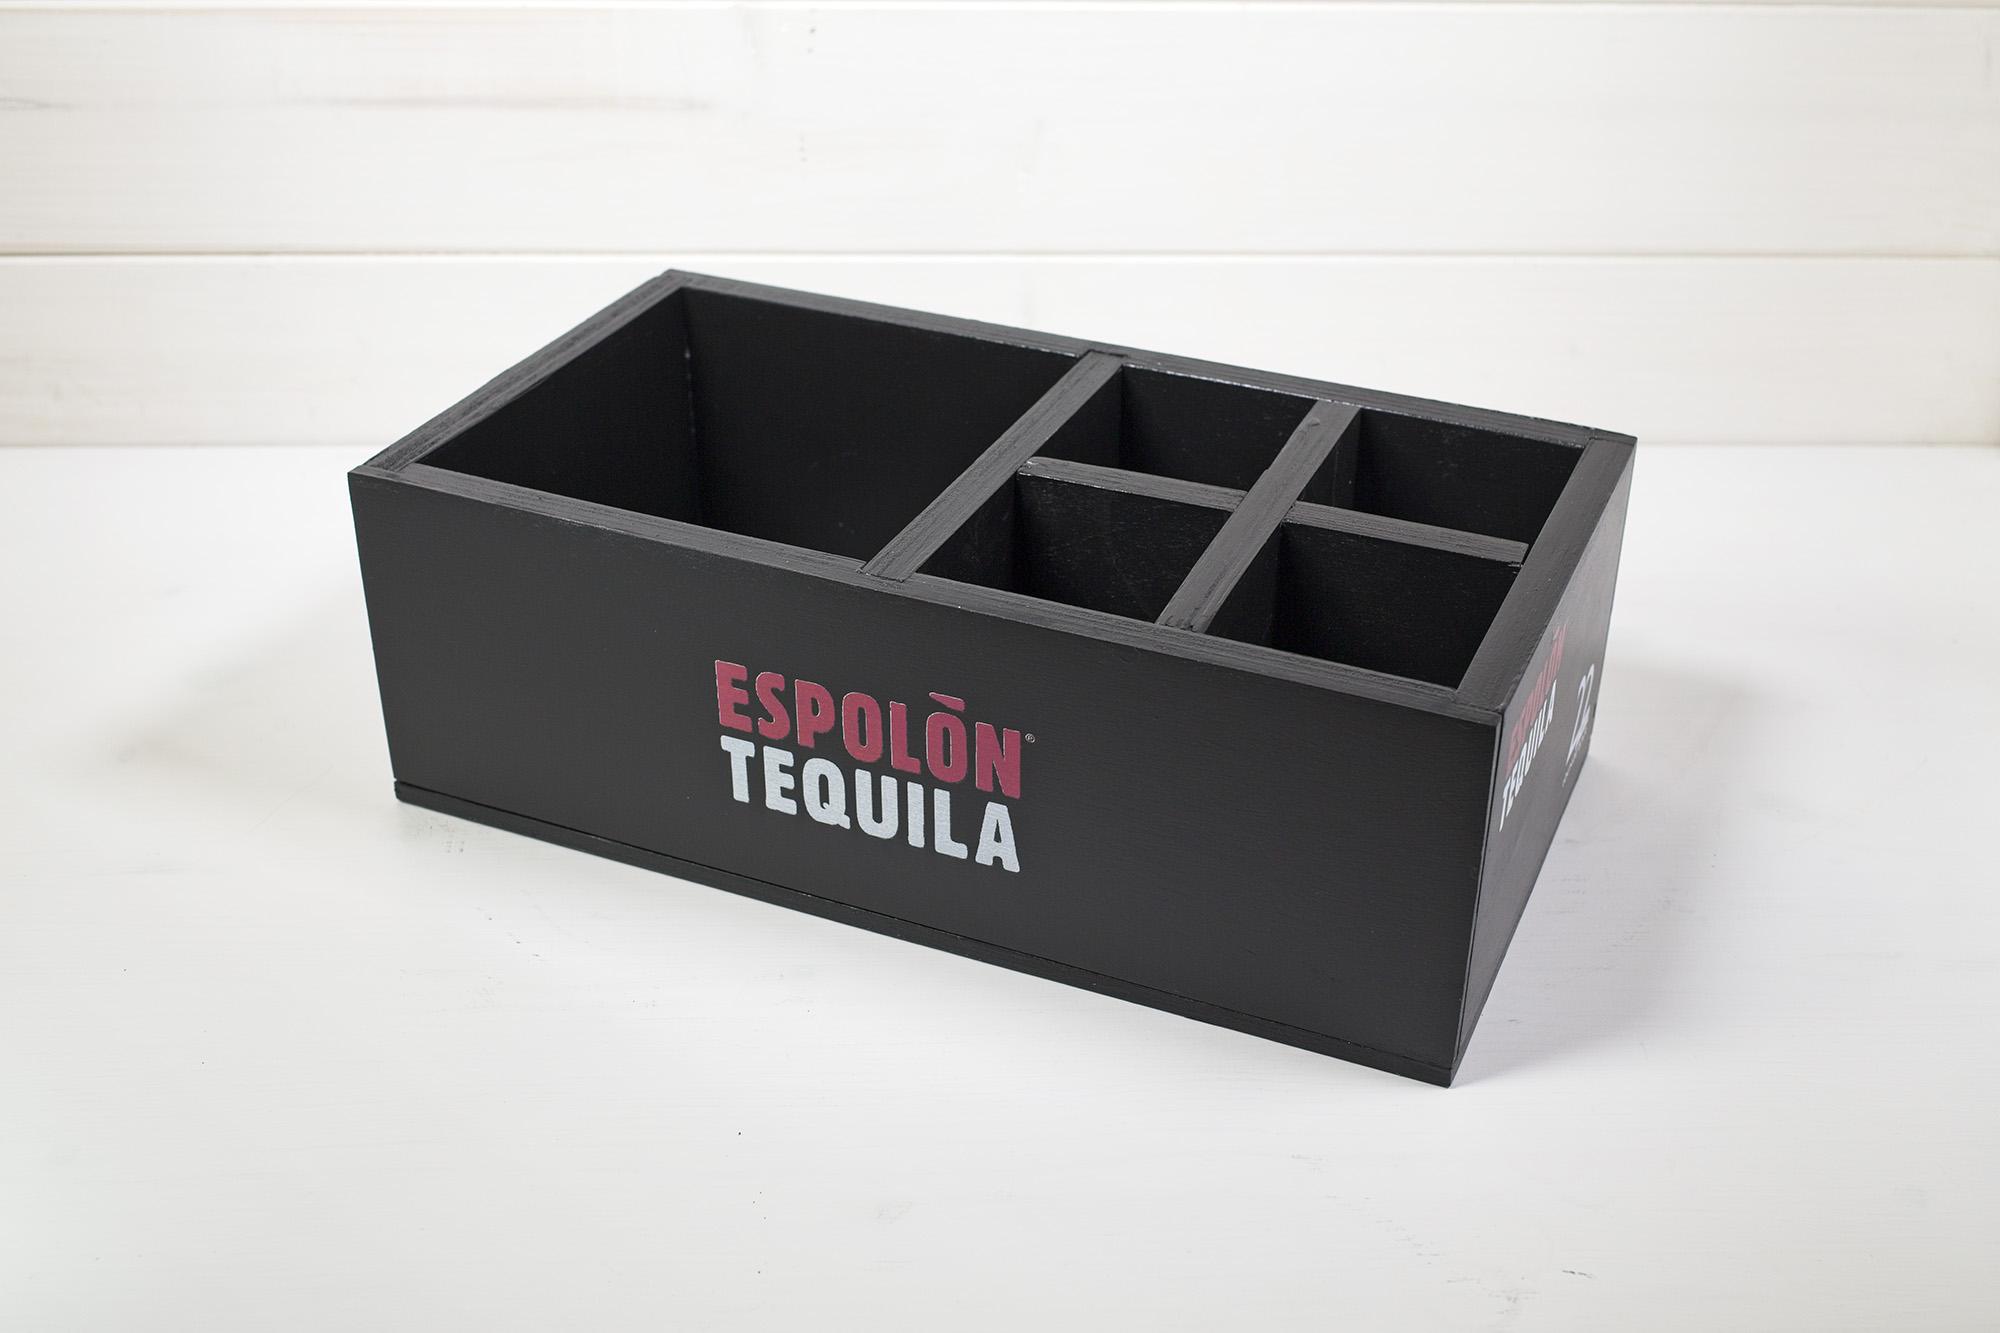 Cassetta Tequila Espolon 22 Lounge Bar